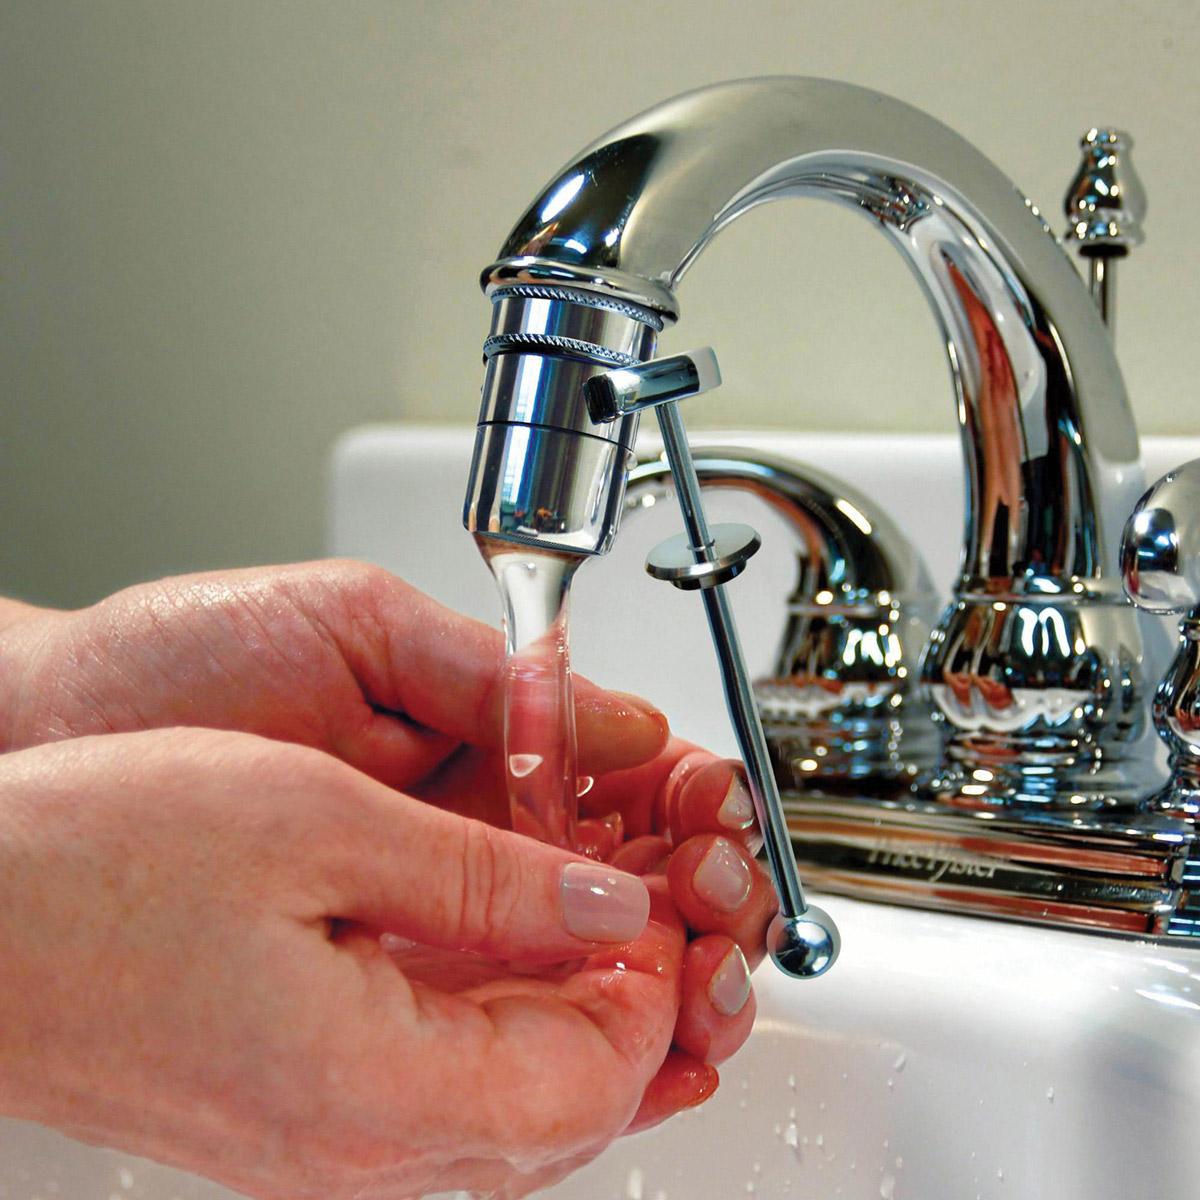 Кому жаловаться на ржавую воду из крана. Ржавая вода из крана: что делать, куда жаловаться и как составить жалобу